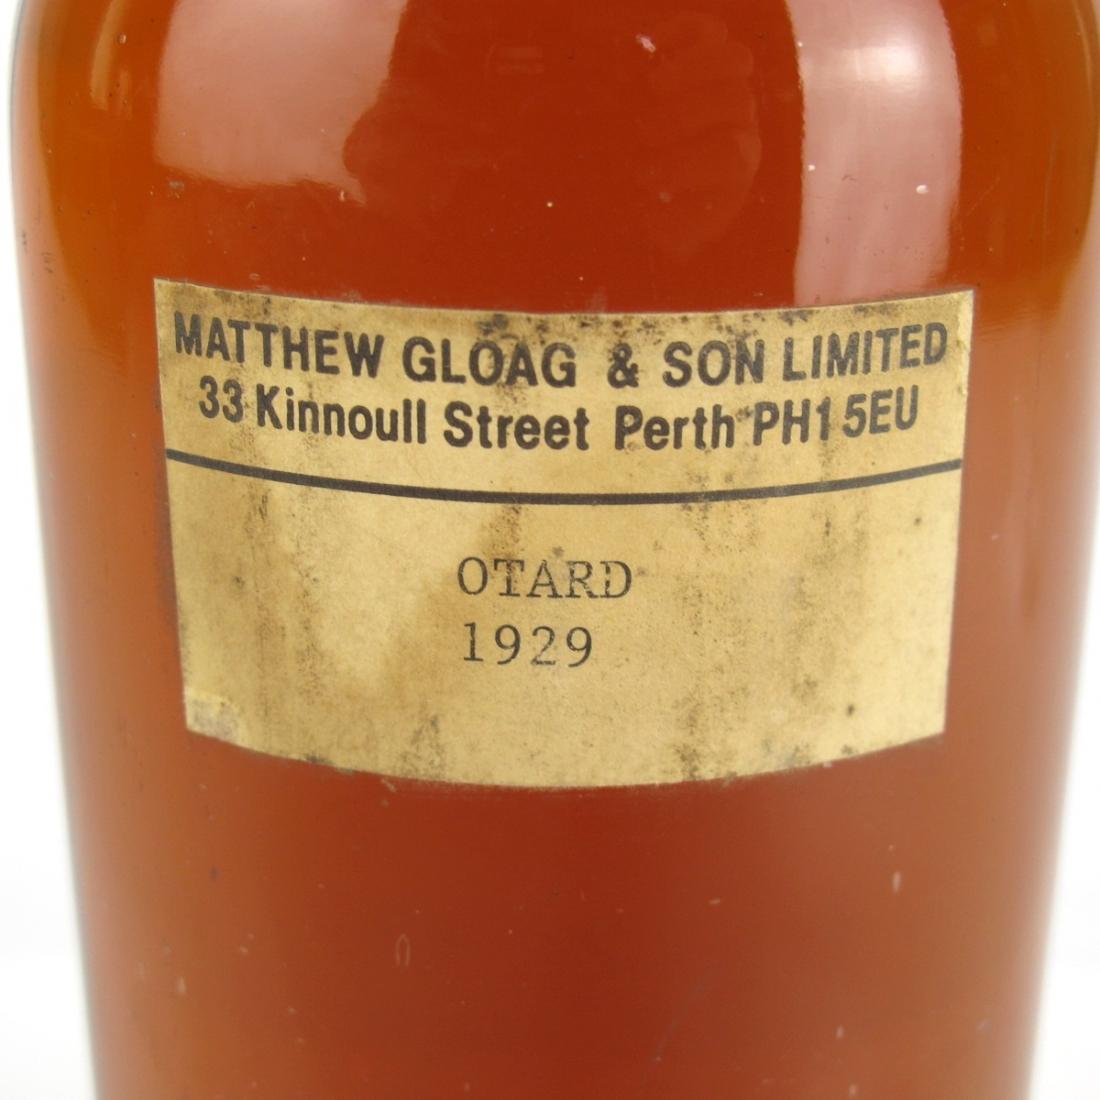 Otard 1929 Matthew Gloag 1960s